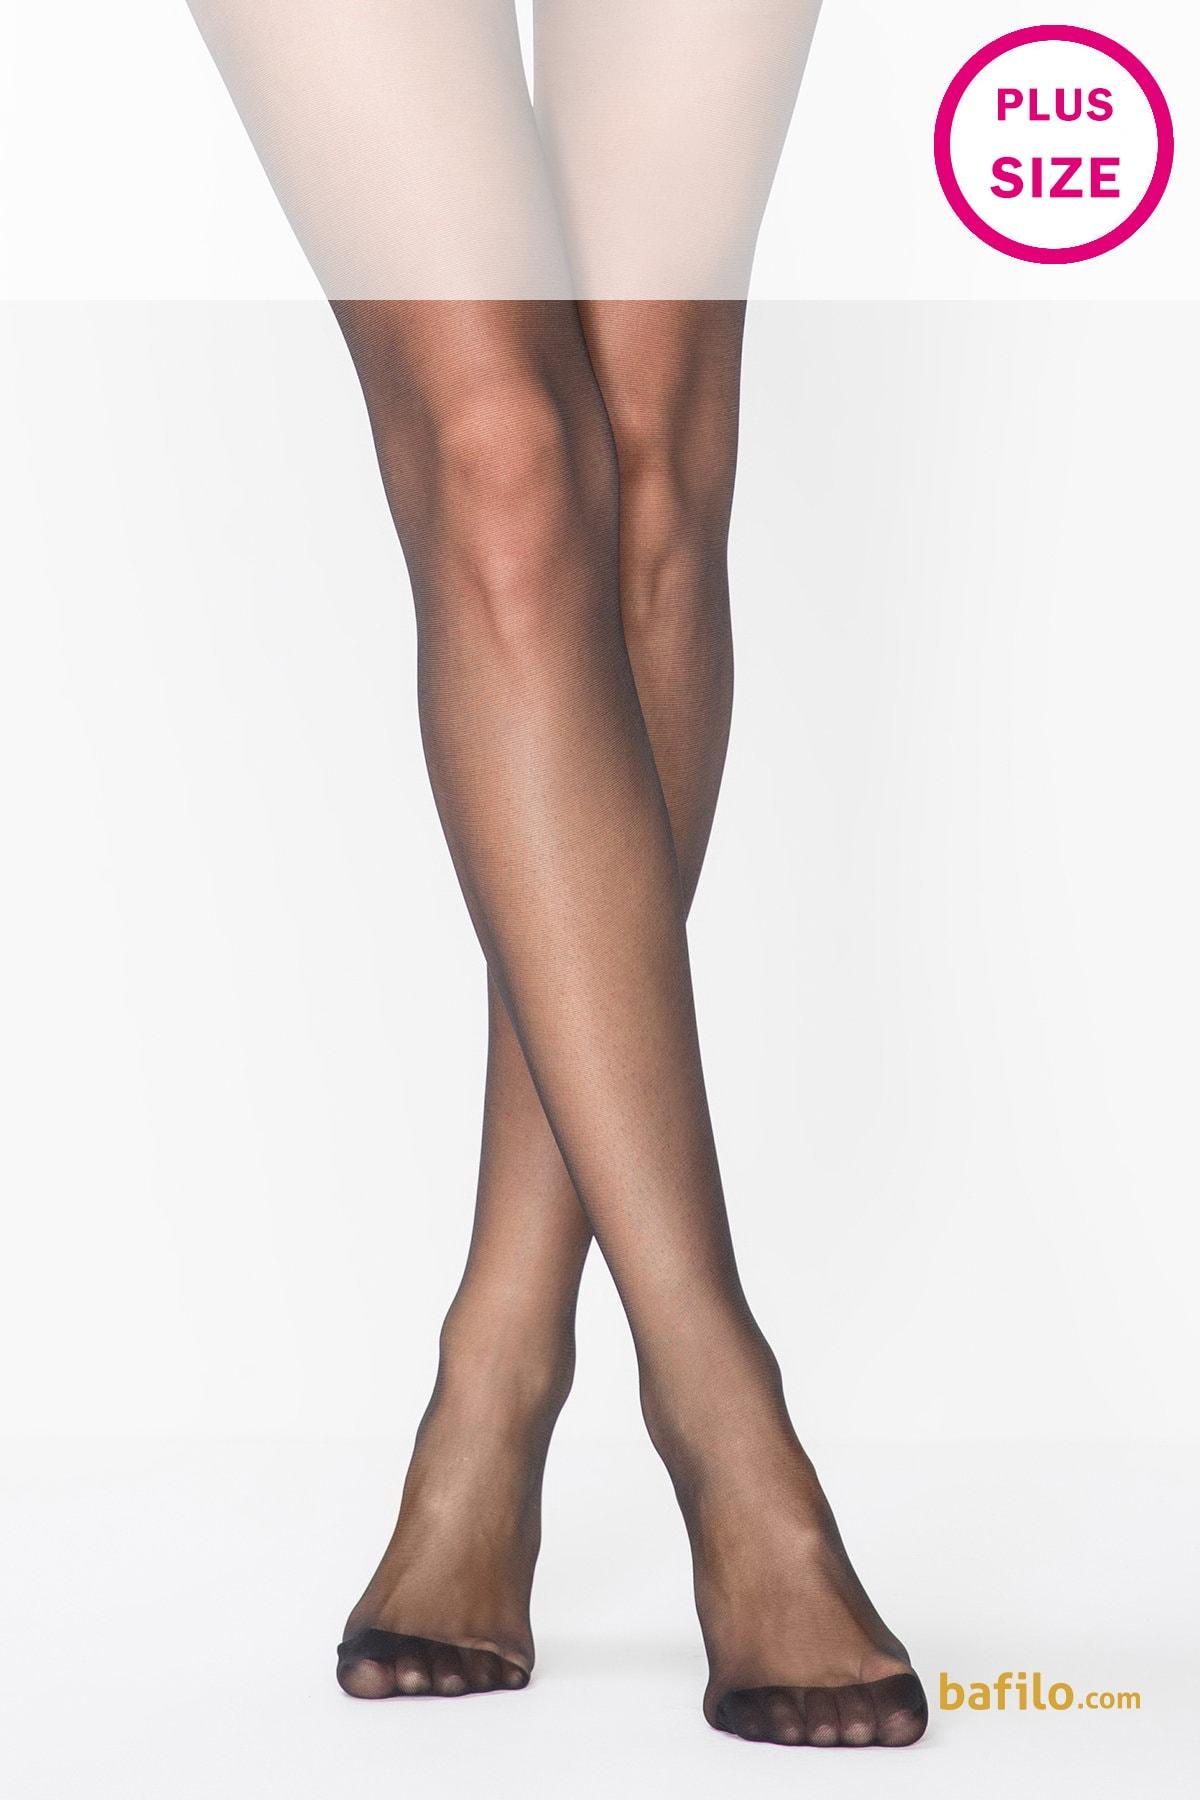 پنتی | Penti - جوراب شلواری سایز بزرگ نازک پنتی  Comfort Plus مشکی